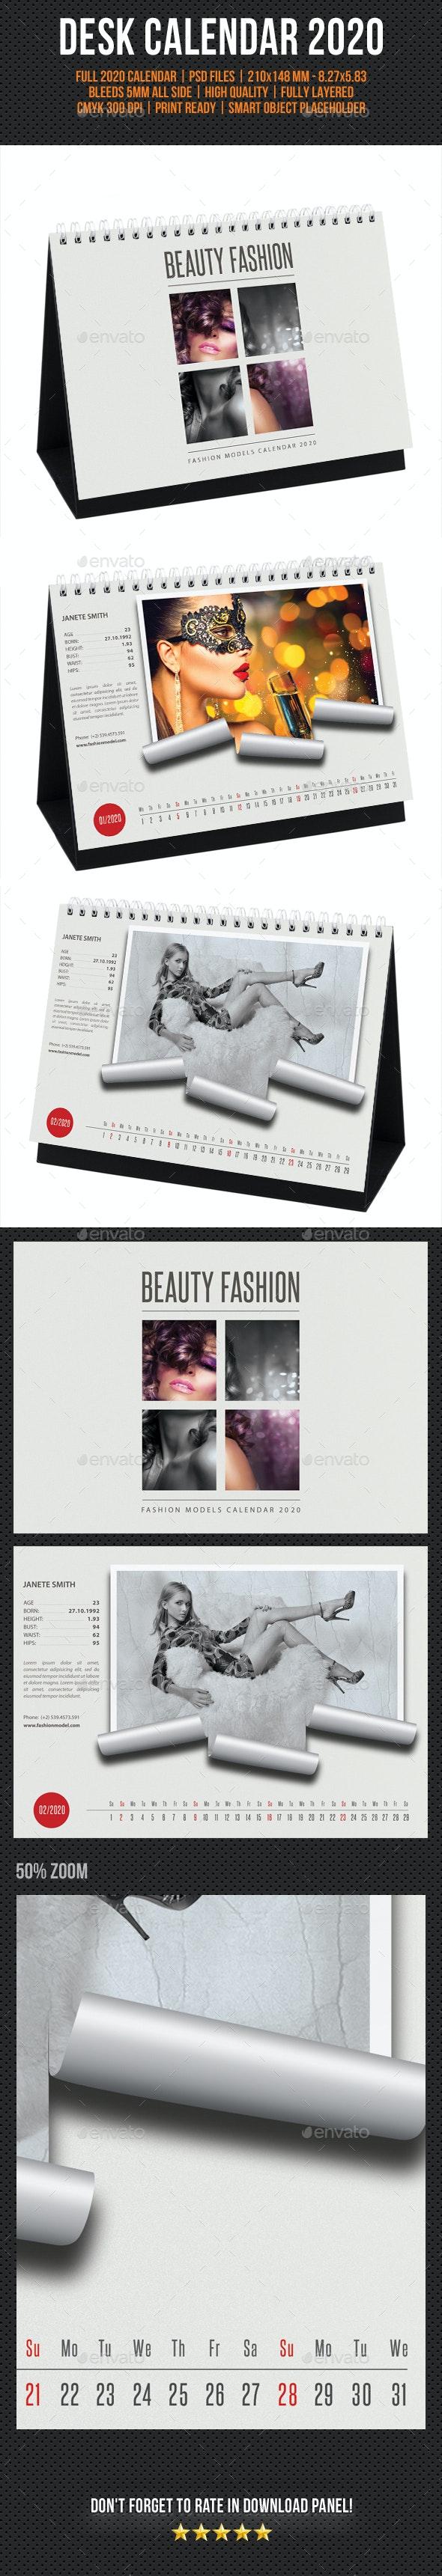 Creative Desk Calendar 2020 V13 - Calendars Stationery